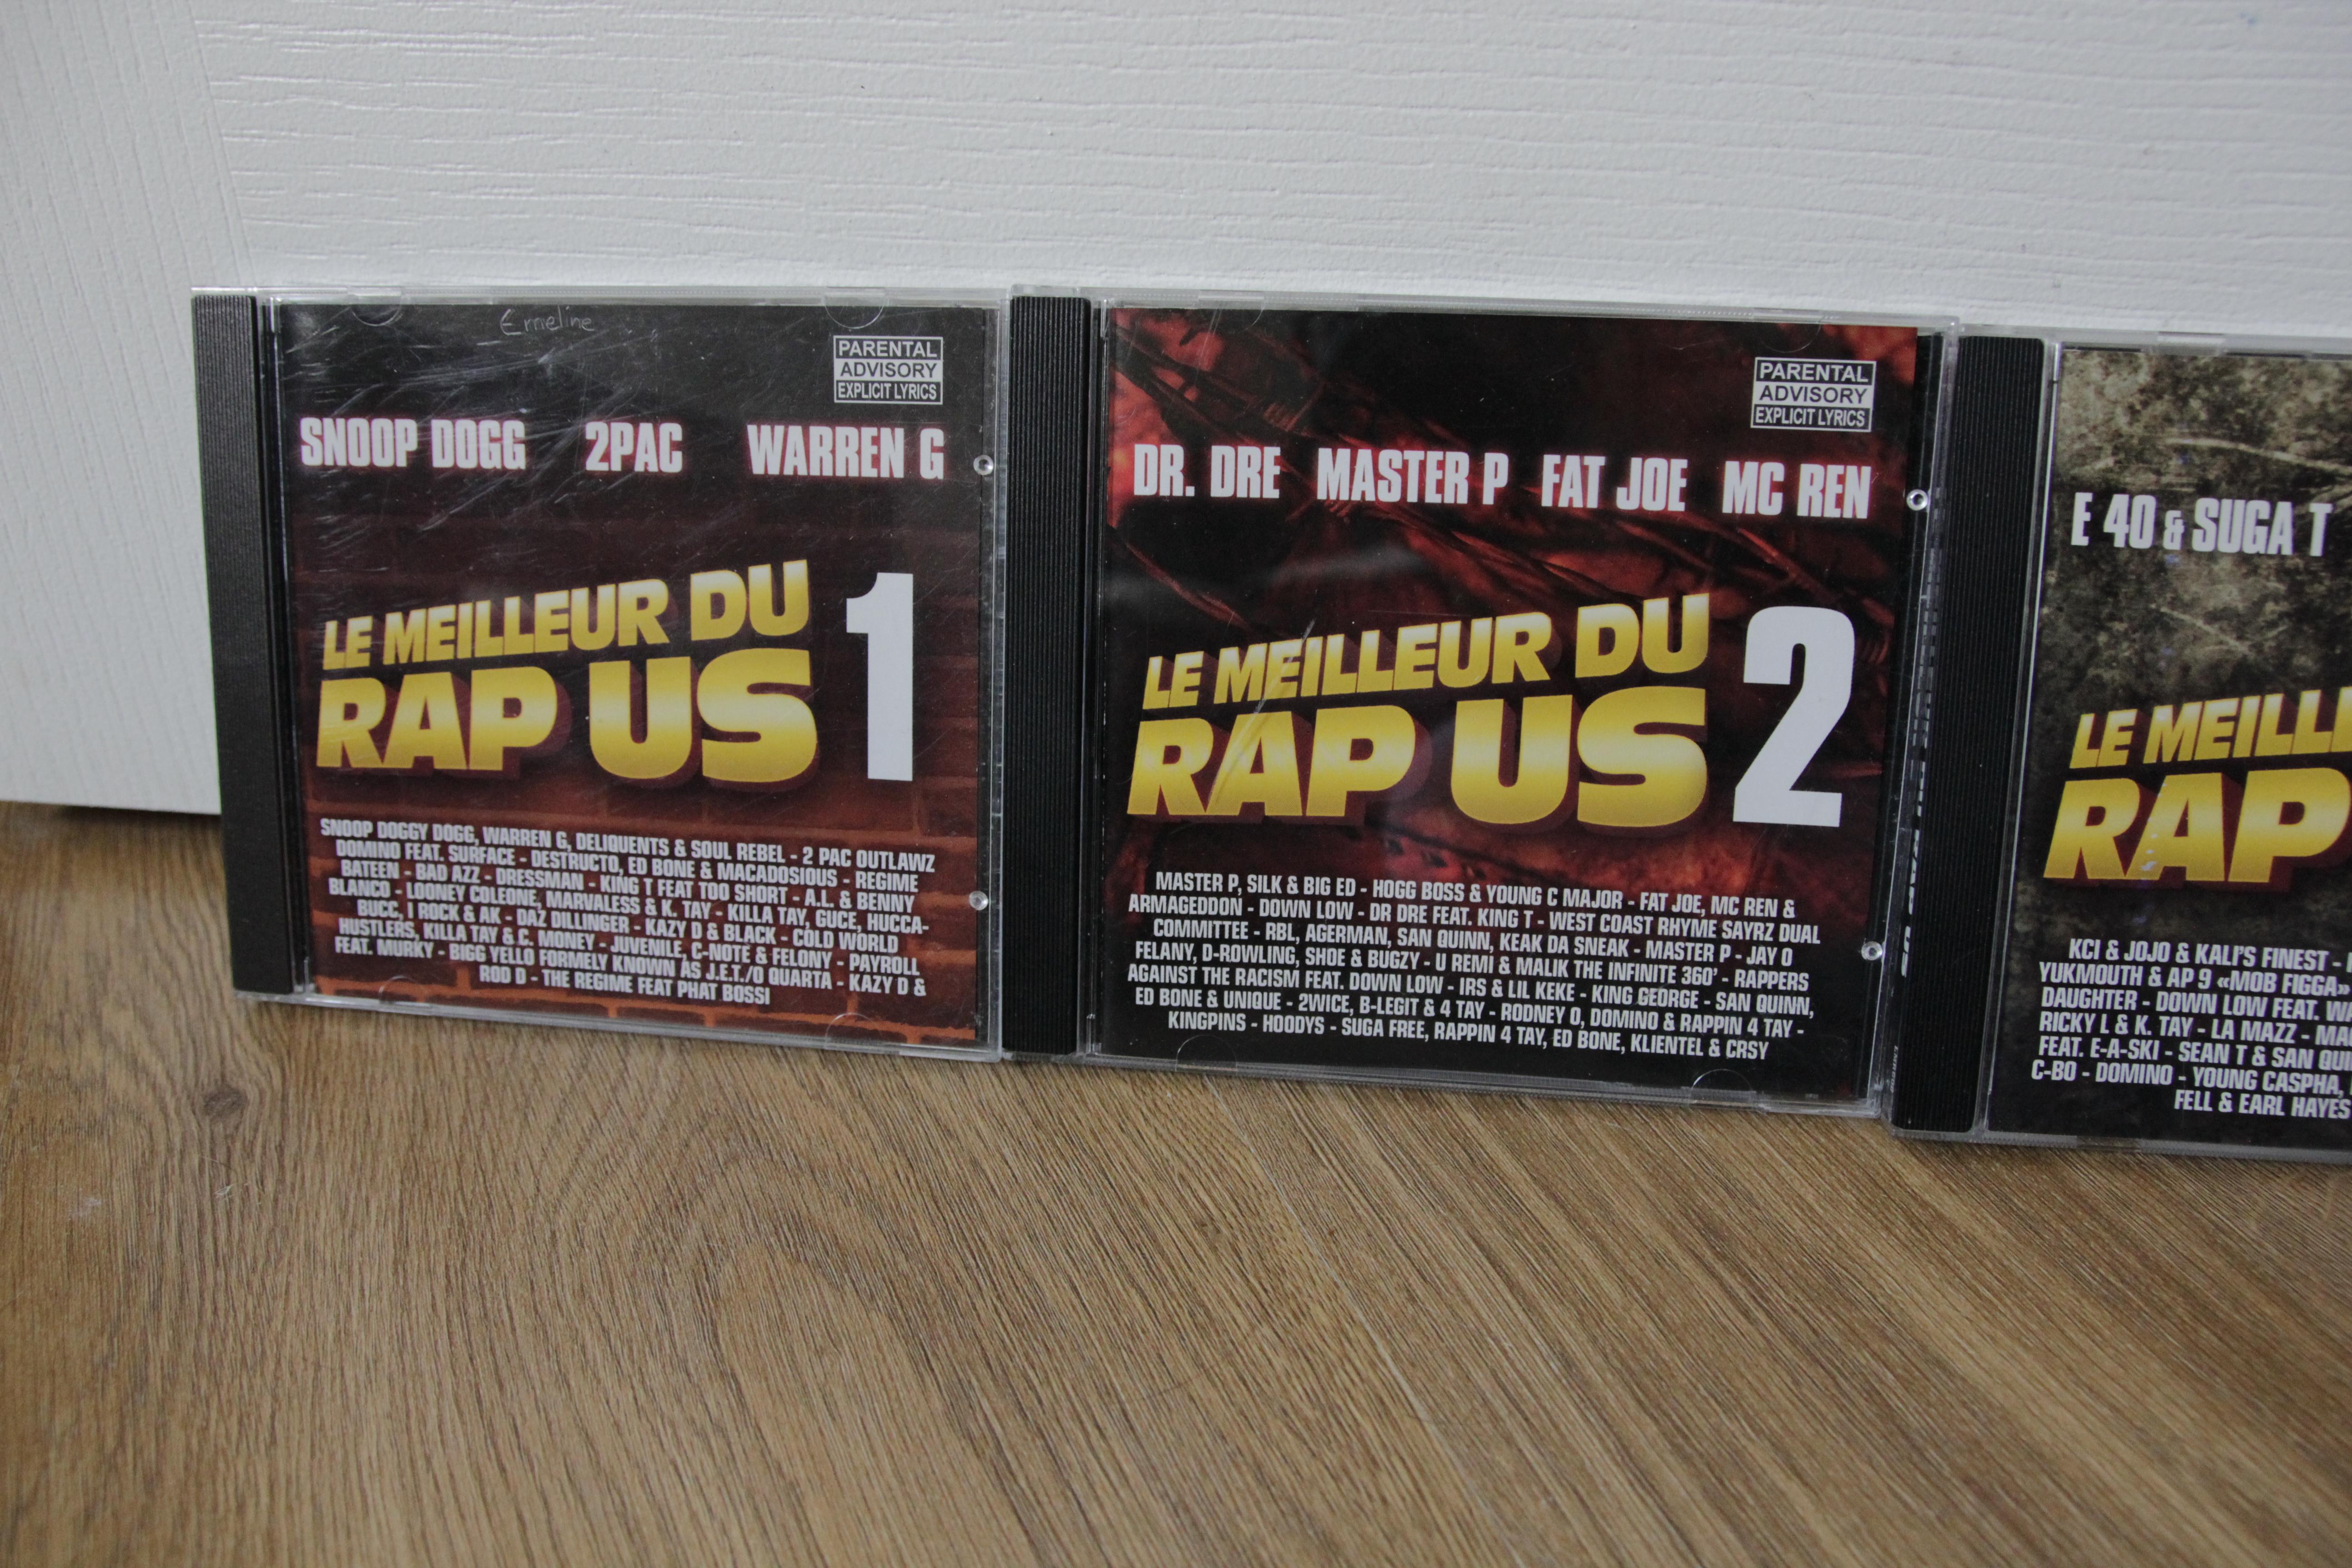 troc de troc cd de rap us image 1